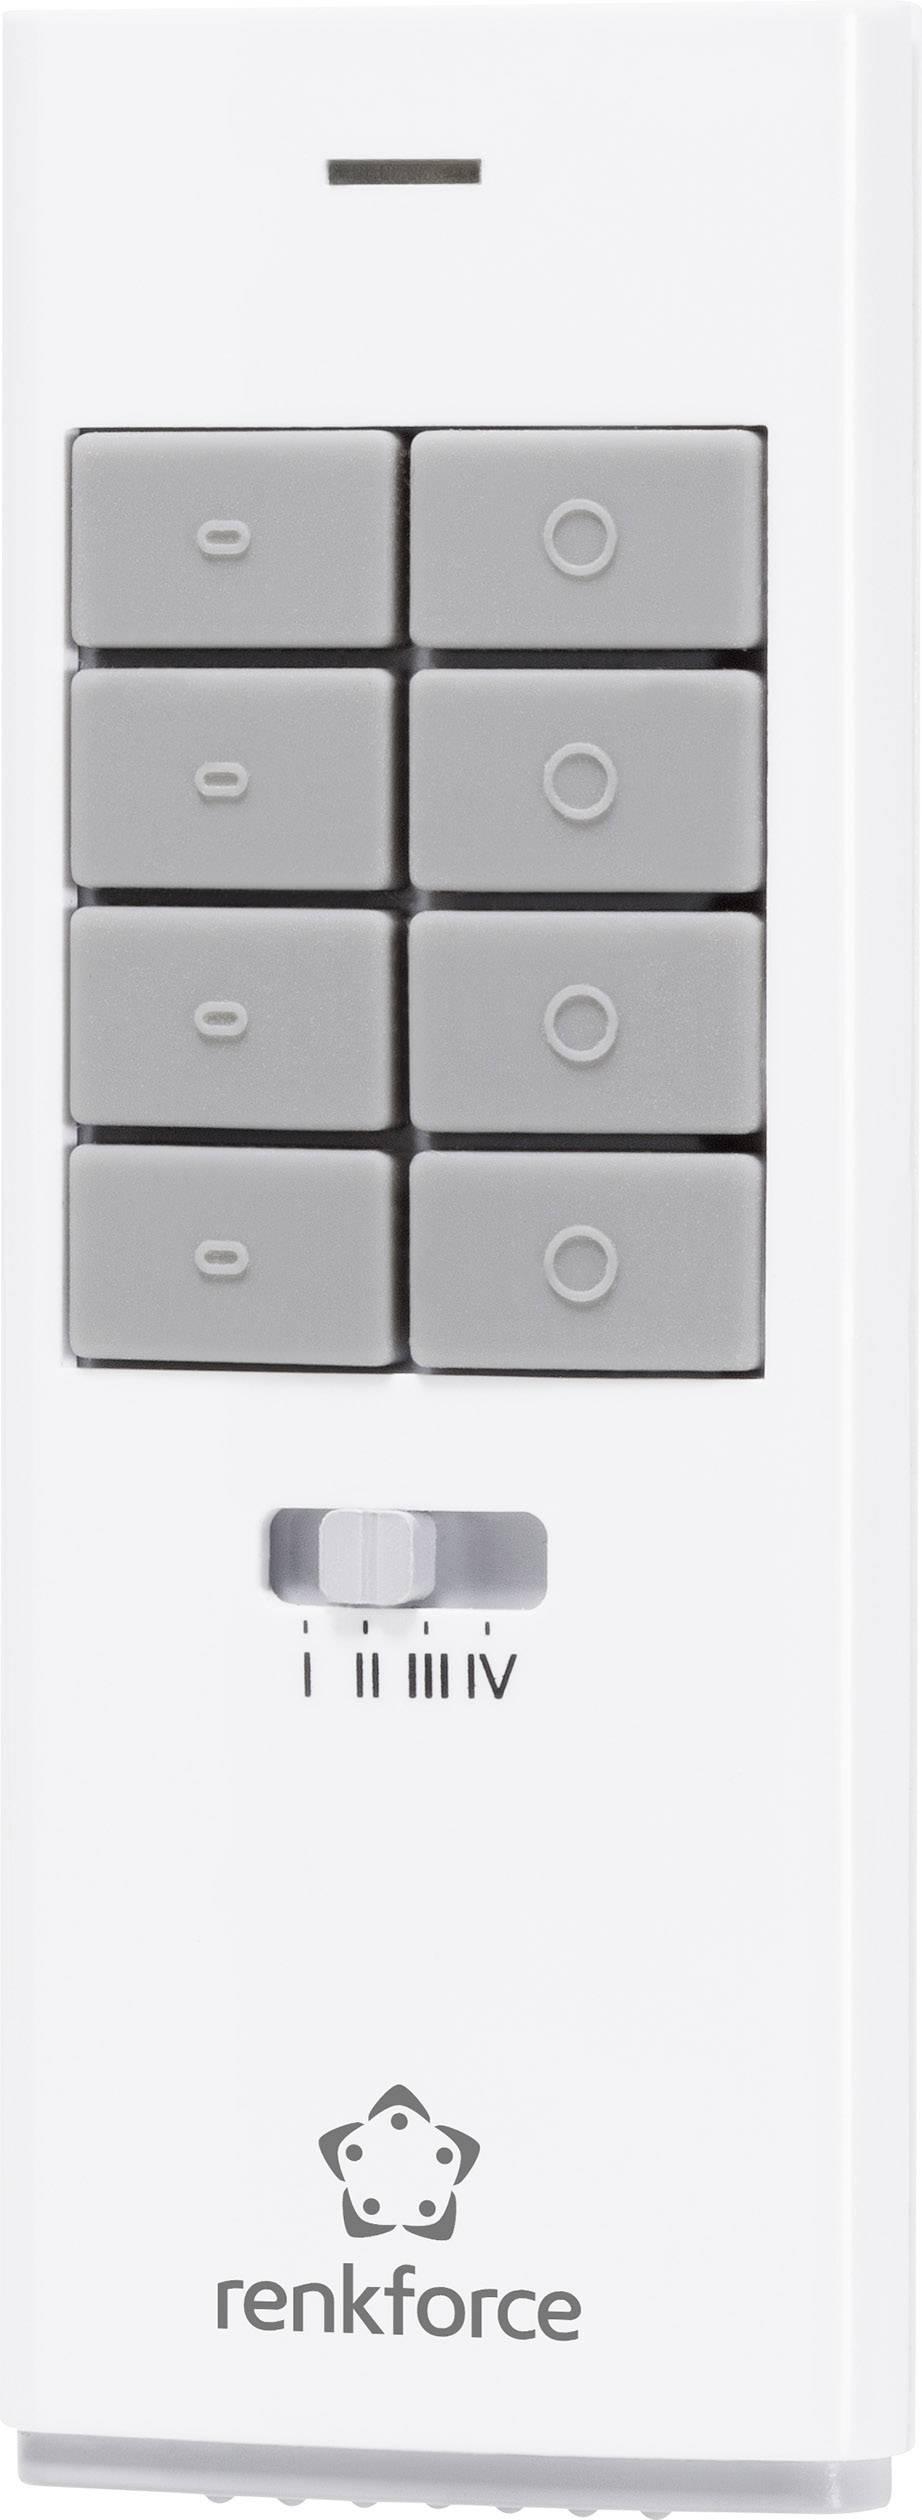 Bezdrôtové ovládanie okna Renkforce RS2W 1275696, 12-kanálový, max. dosah 150 m, biela